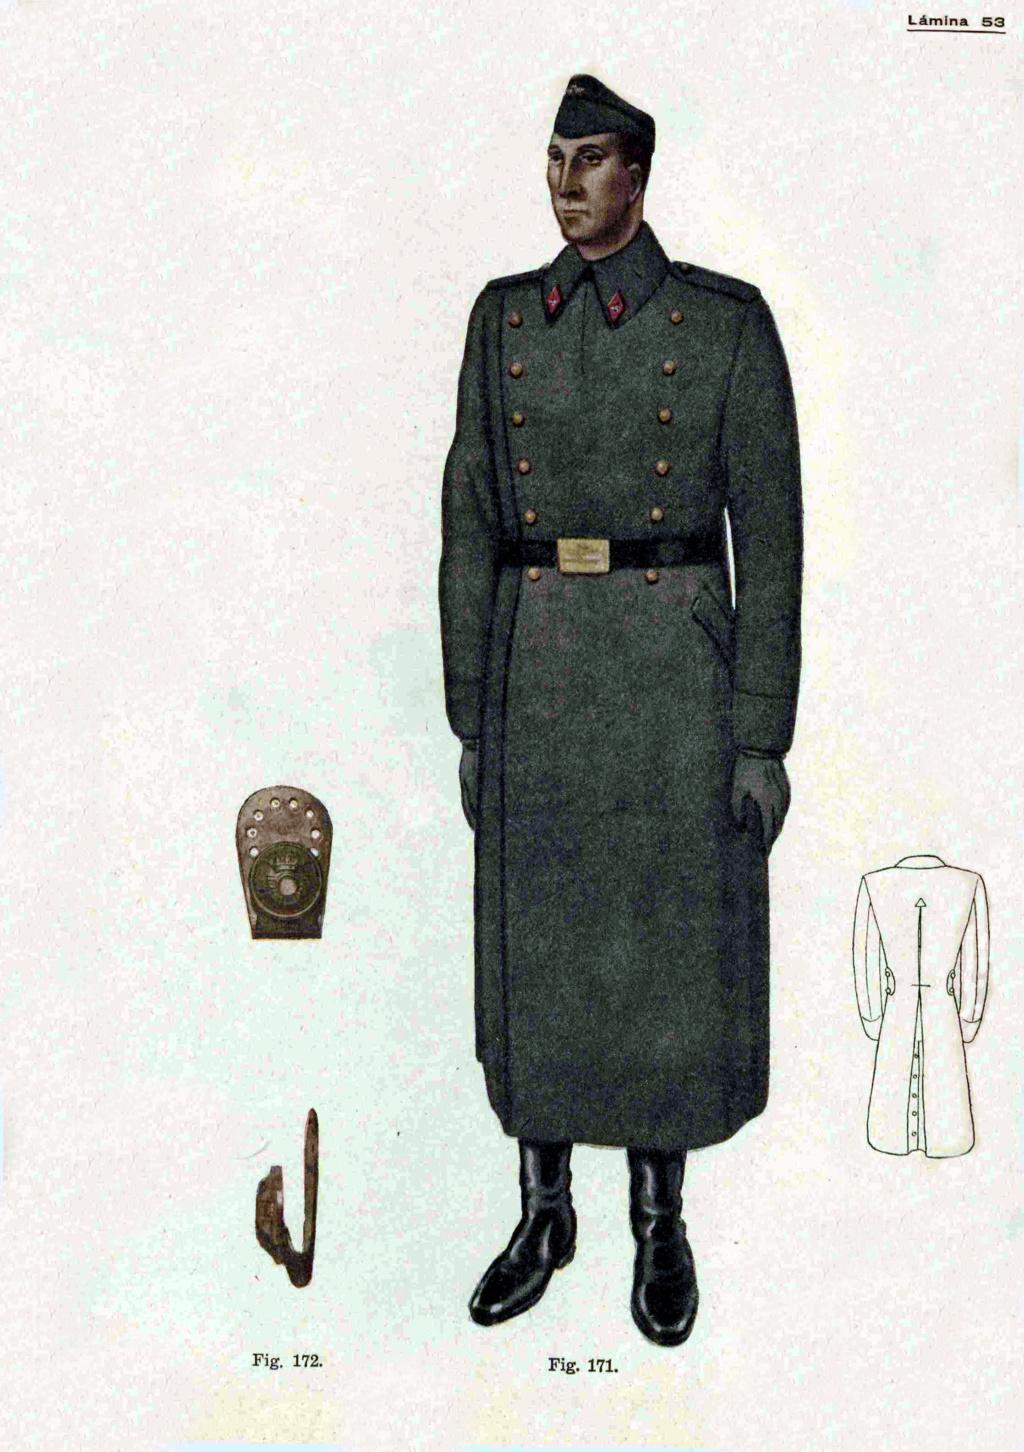 Gancho metálico terminado en botón, Infantería, Alfonso XIII, 1909-1931 11911